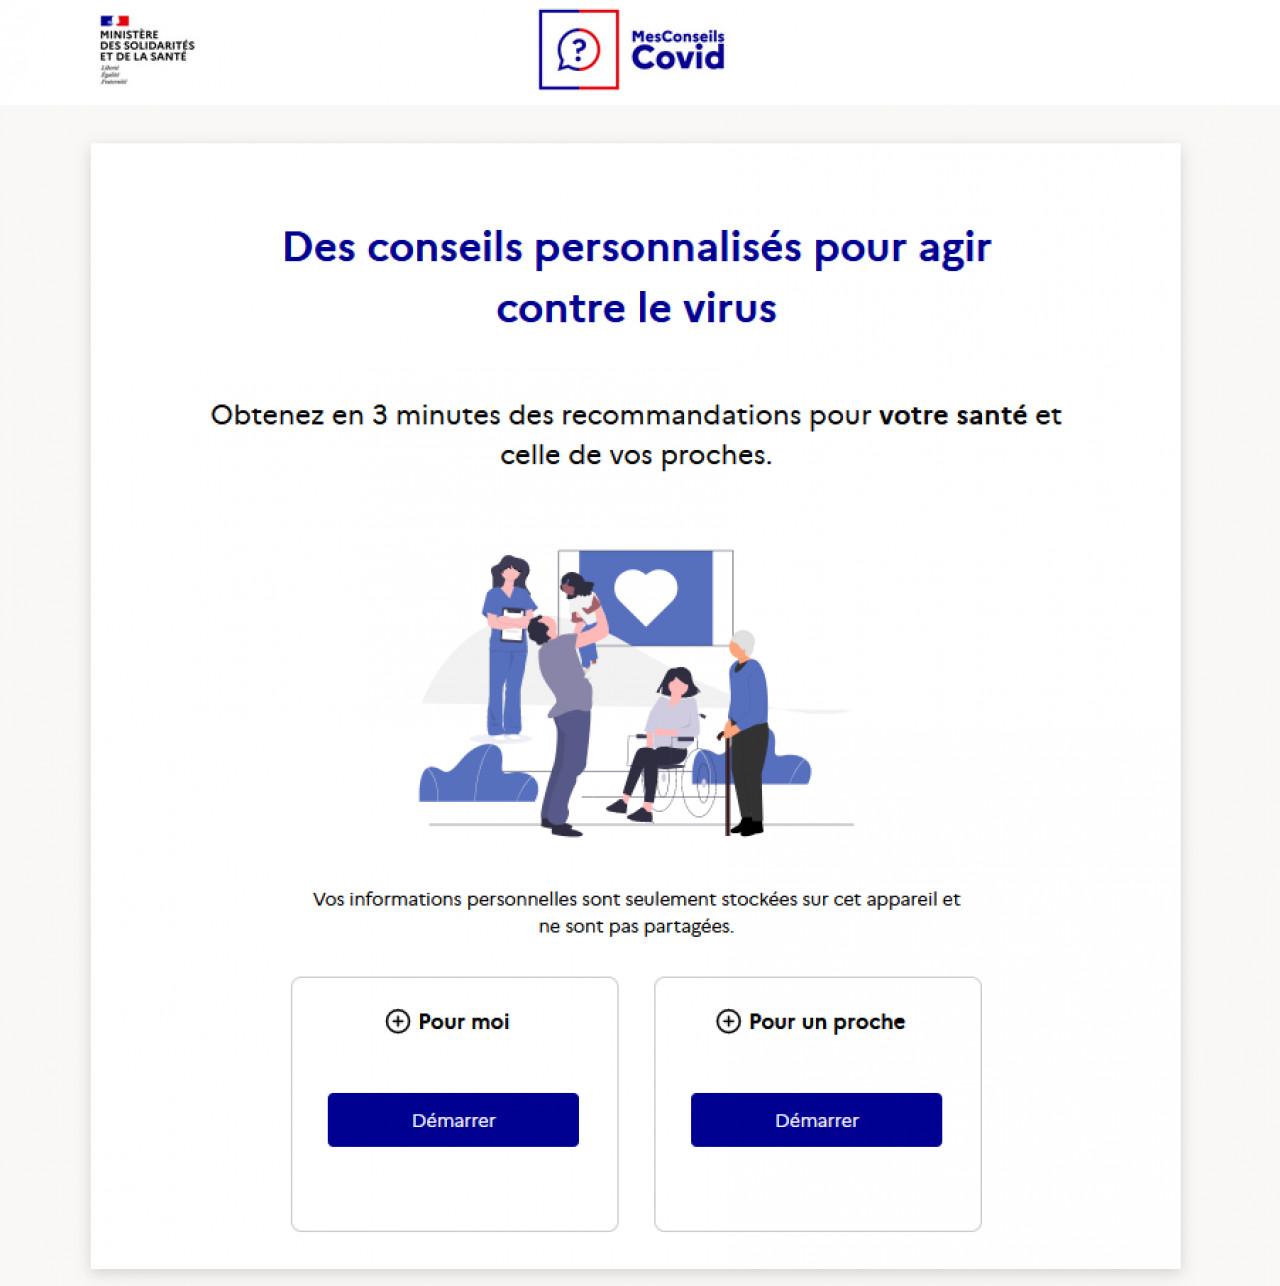 Mesconseilscovid : un site de prévention et de conseils personnalisés